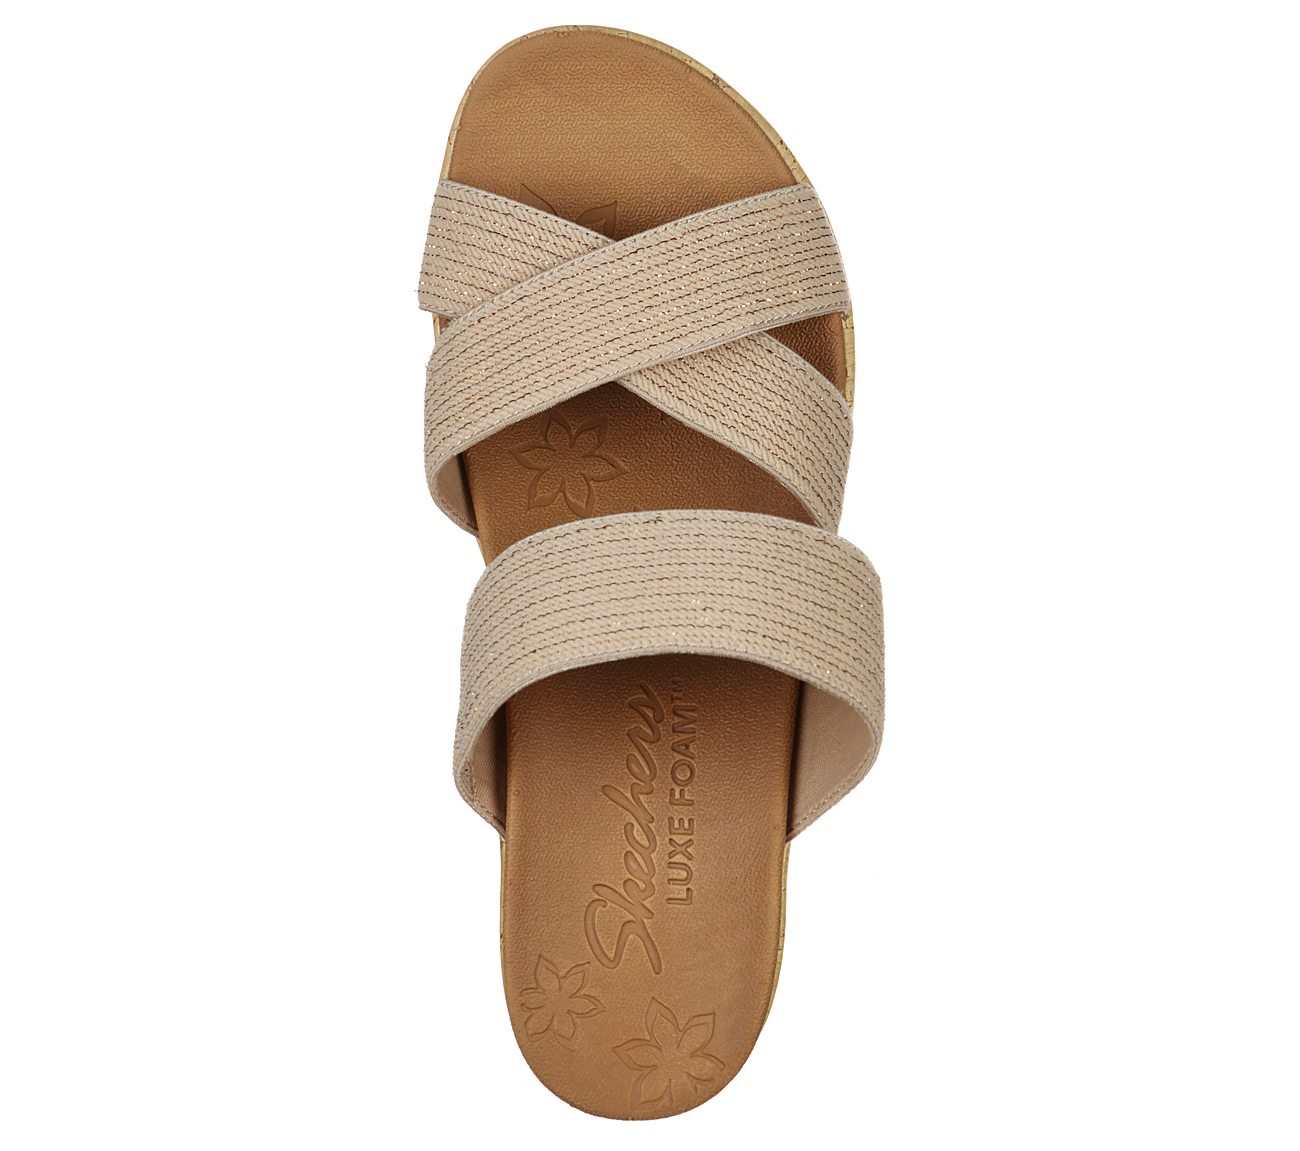 Skechers | Skechers Women's Wedge Sandal